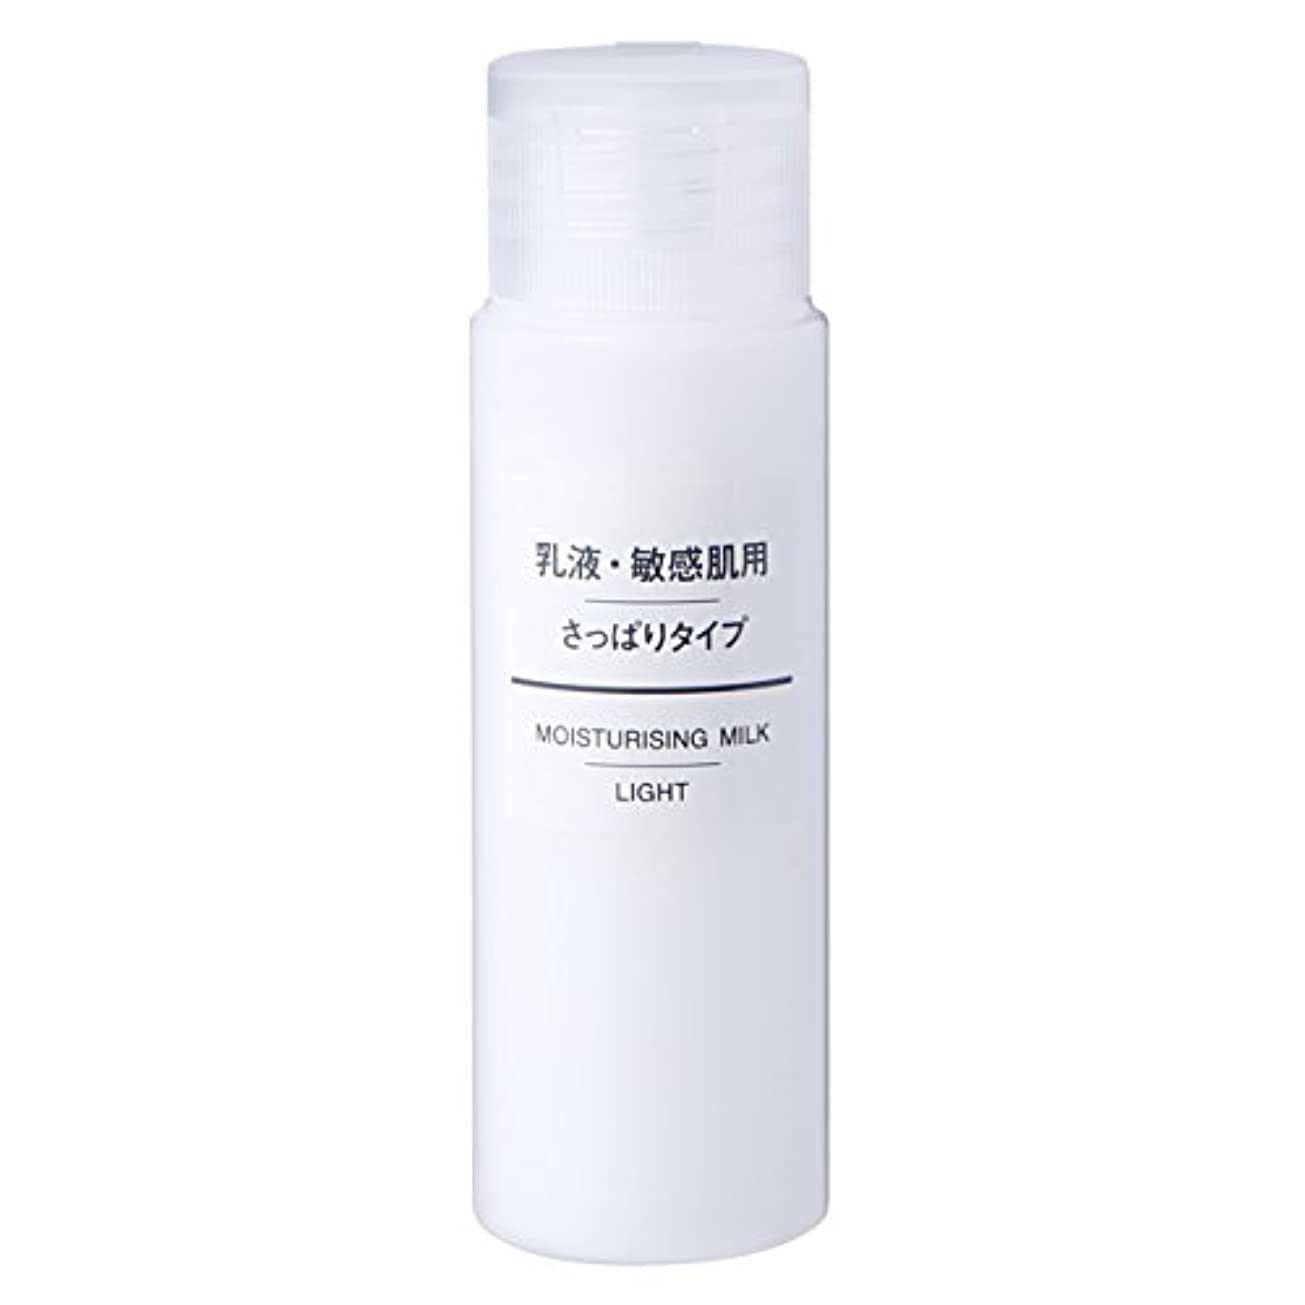 イーウェル馬鹿げたクリエイティブ無印良品 乳液 敏感肌用 さっぱりタイプ(携帯用) 50ml